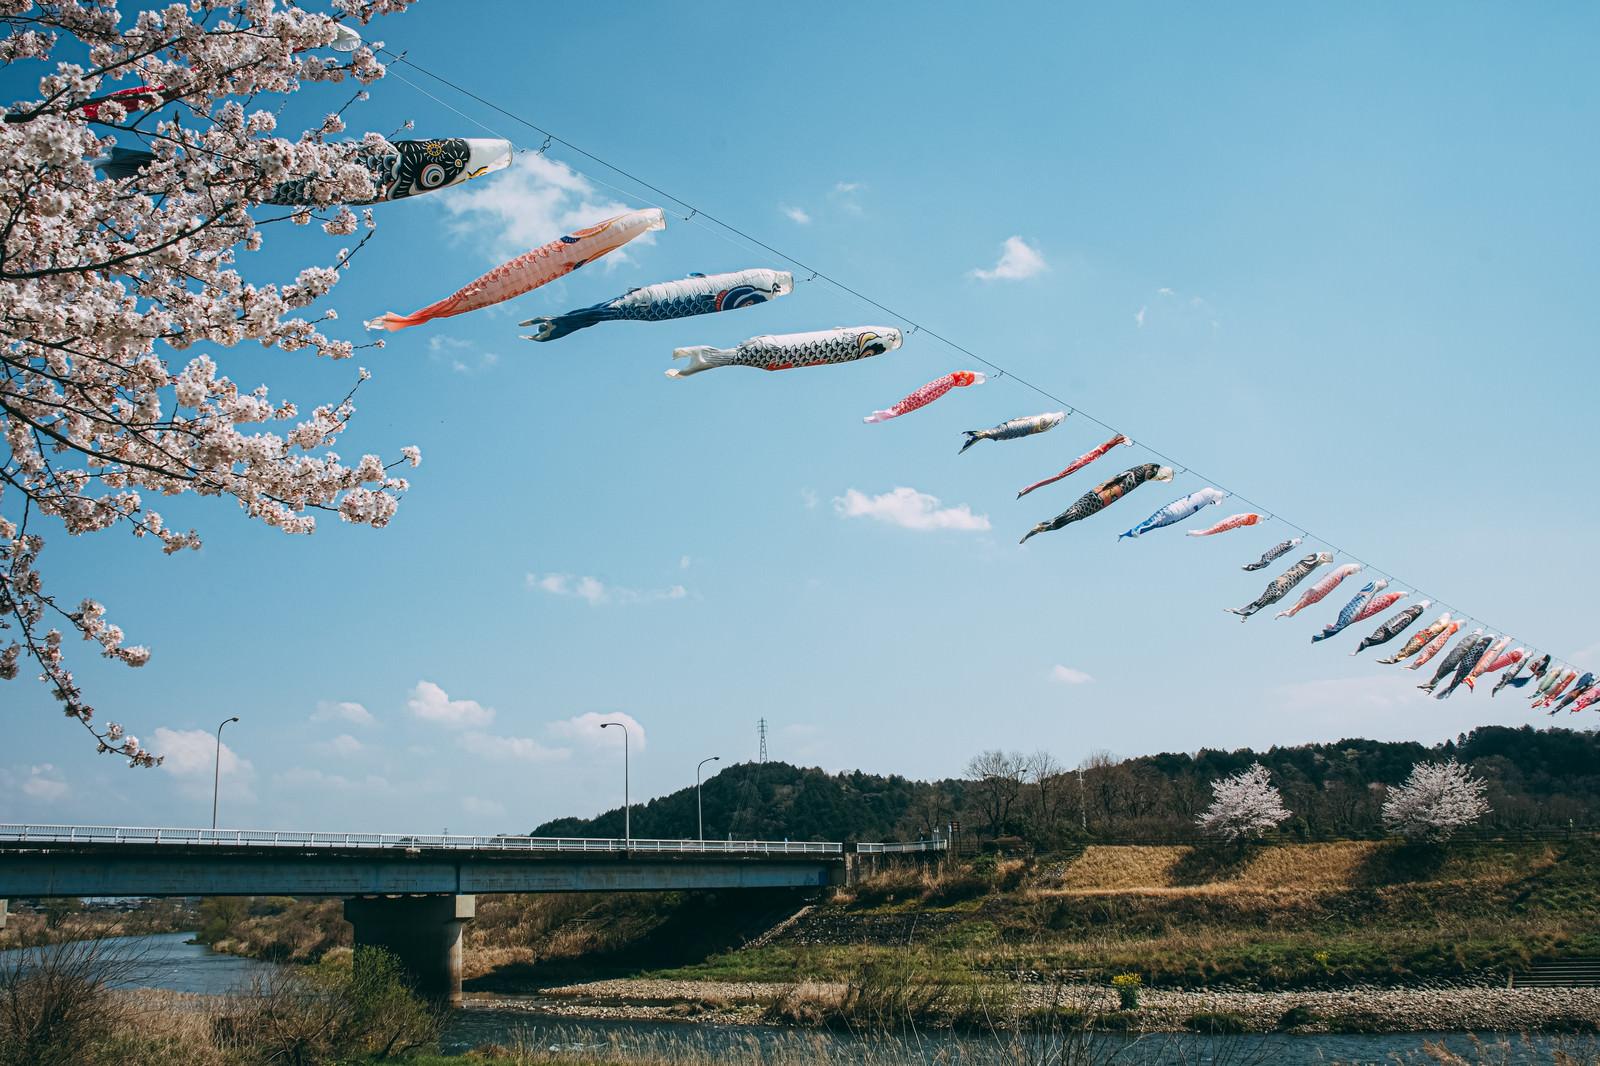 「桜の季節に川の上を気持ちよく泳ぐ沢山の鯉のぼり」の写真